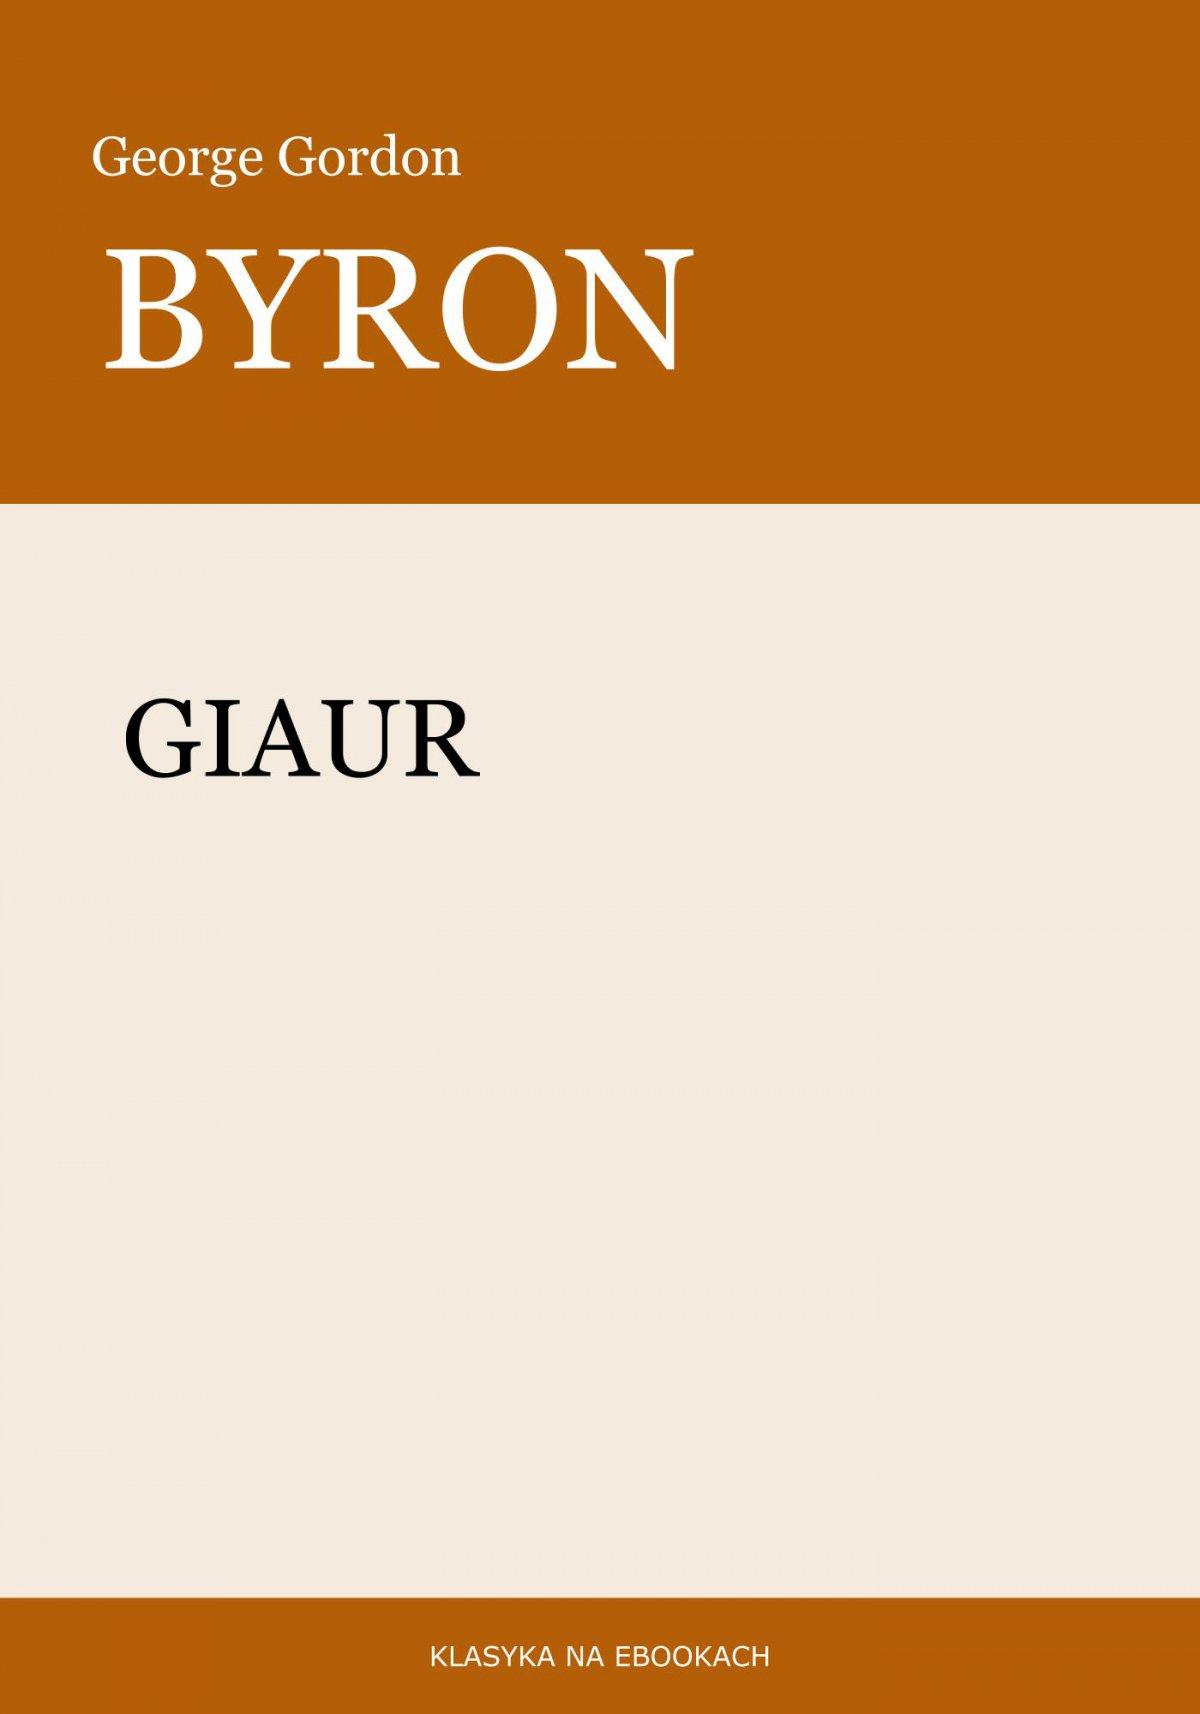 Giaur - Ebook (Książka na Kindle) do pobrania w formacie MOBI